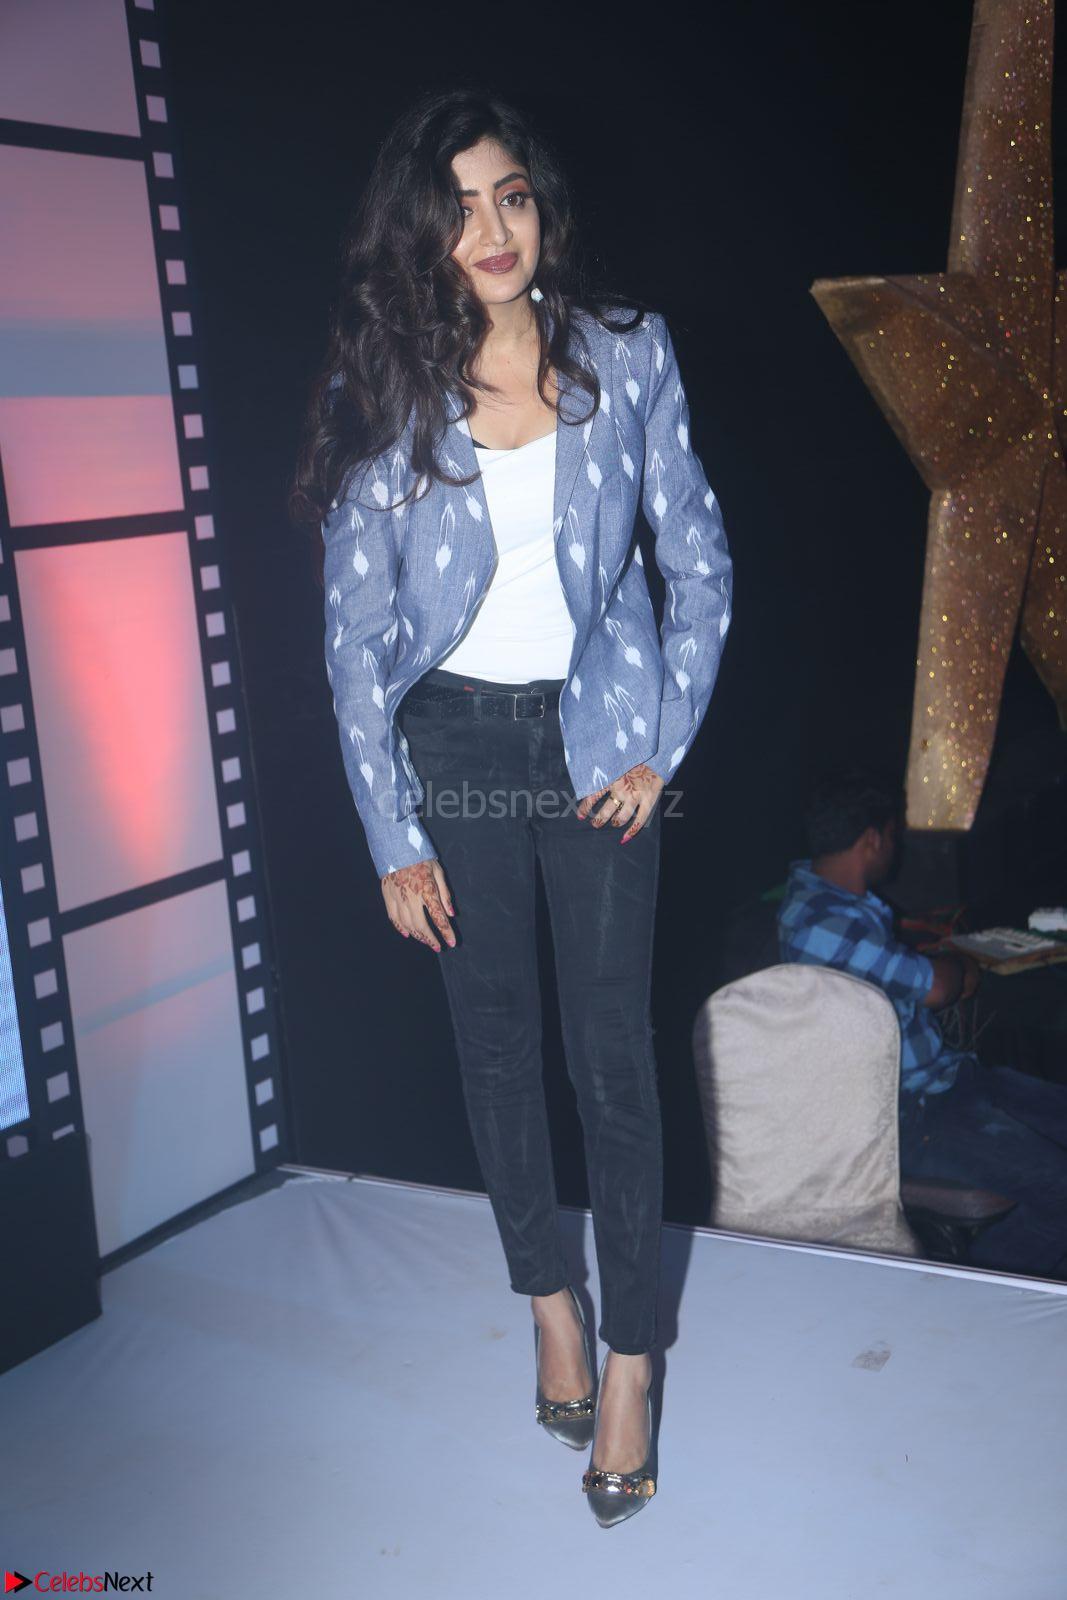 Poonam Kaur looks super cute in Denim at Nakshatram music launch